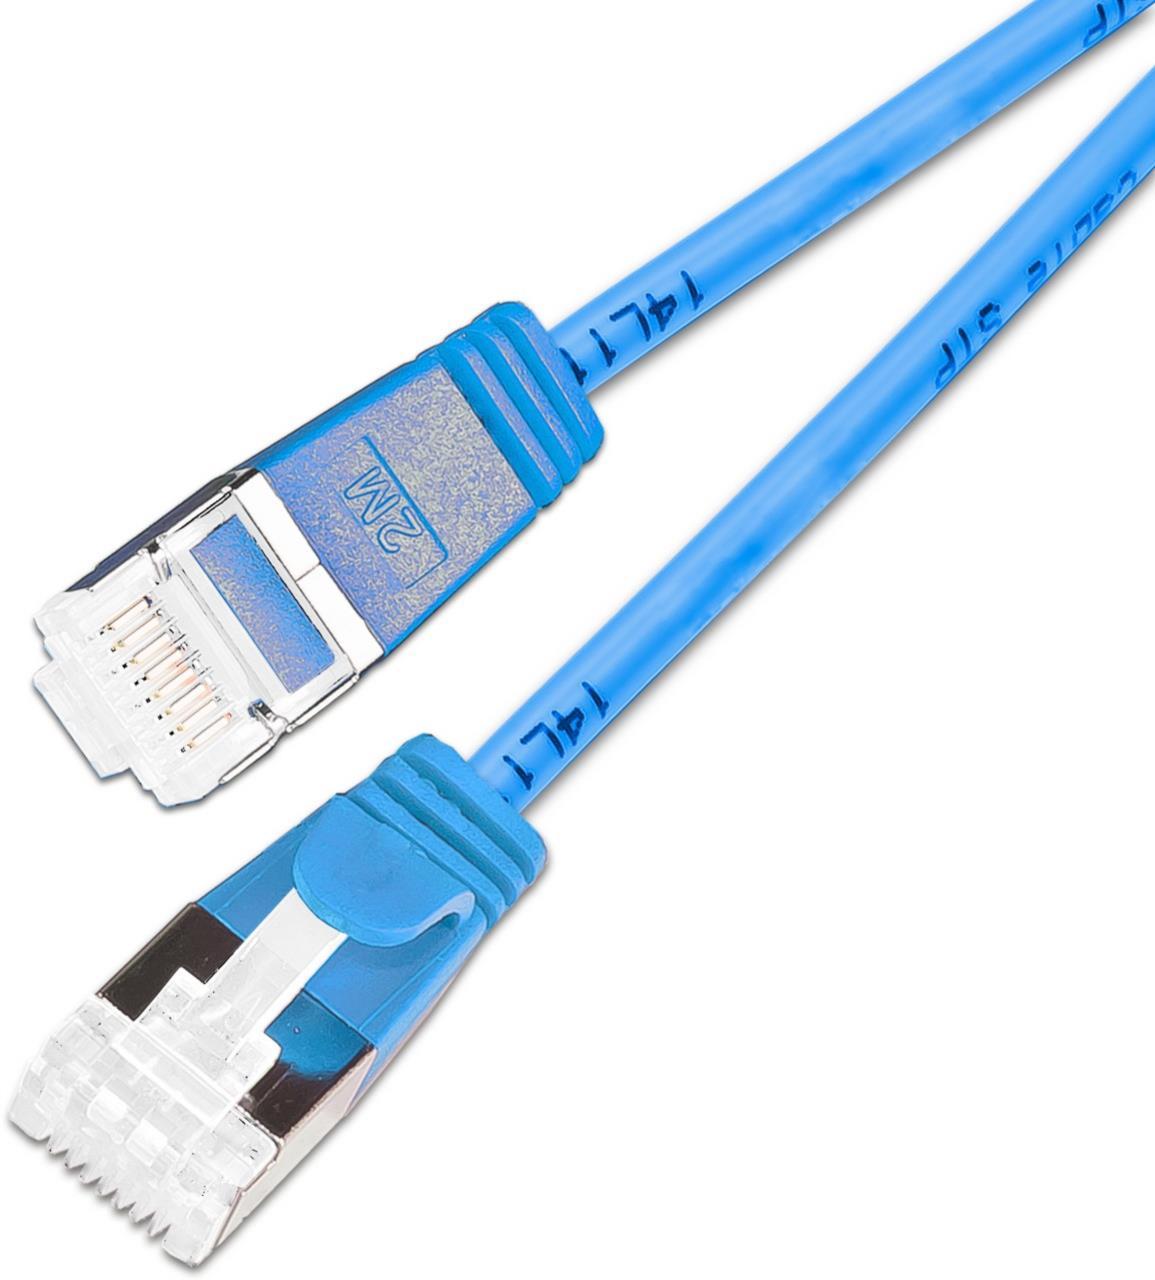 KAT6A 10 Gigabit Lightpatchkabel rund, U/FTP, Ø 3,8mm, blau